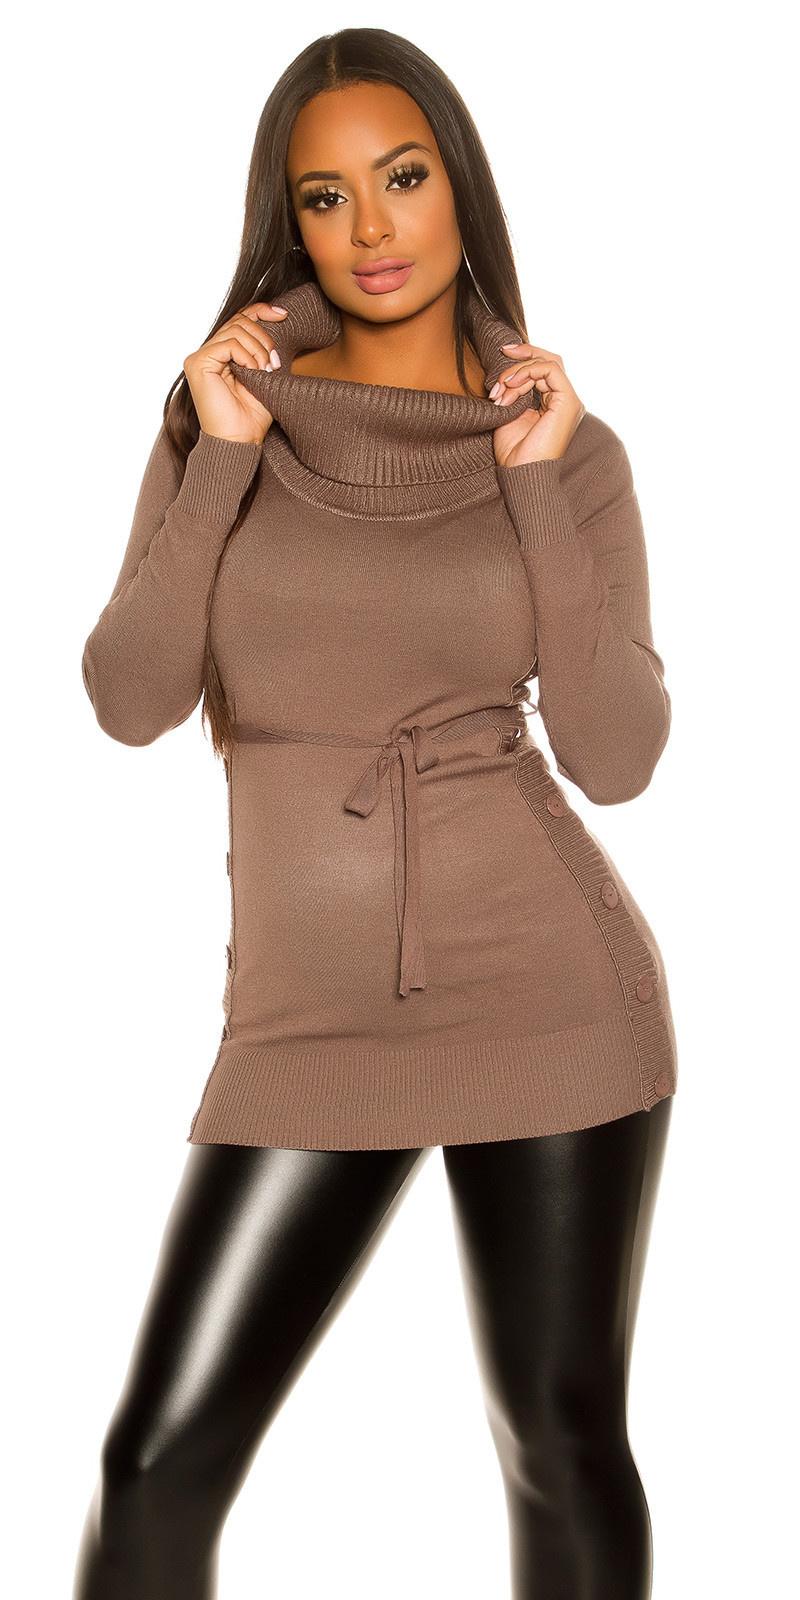 Trendy gebreide jurk met knopen cappuccino